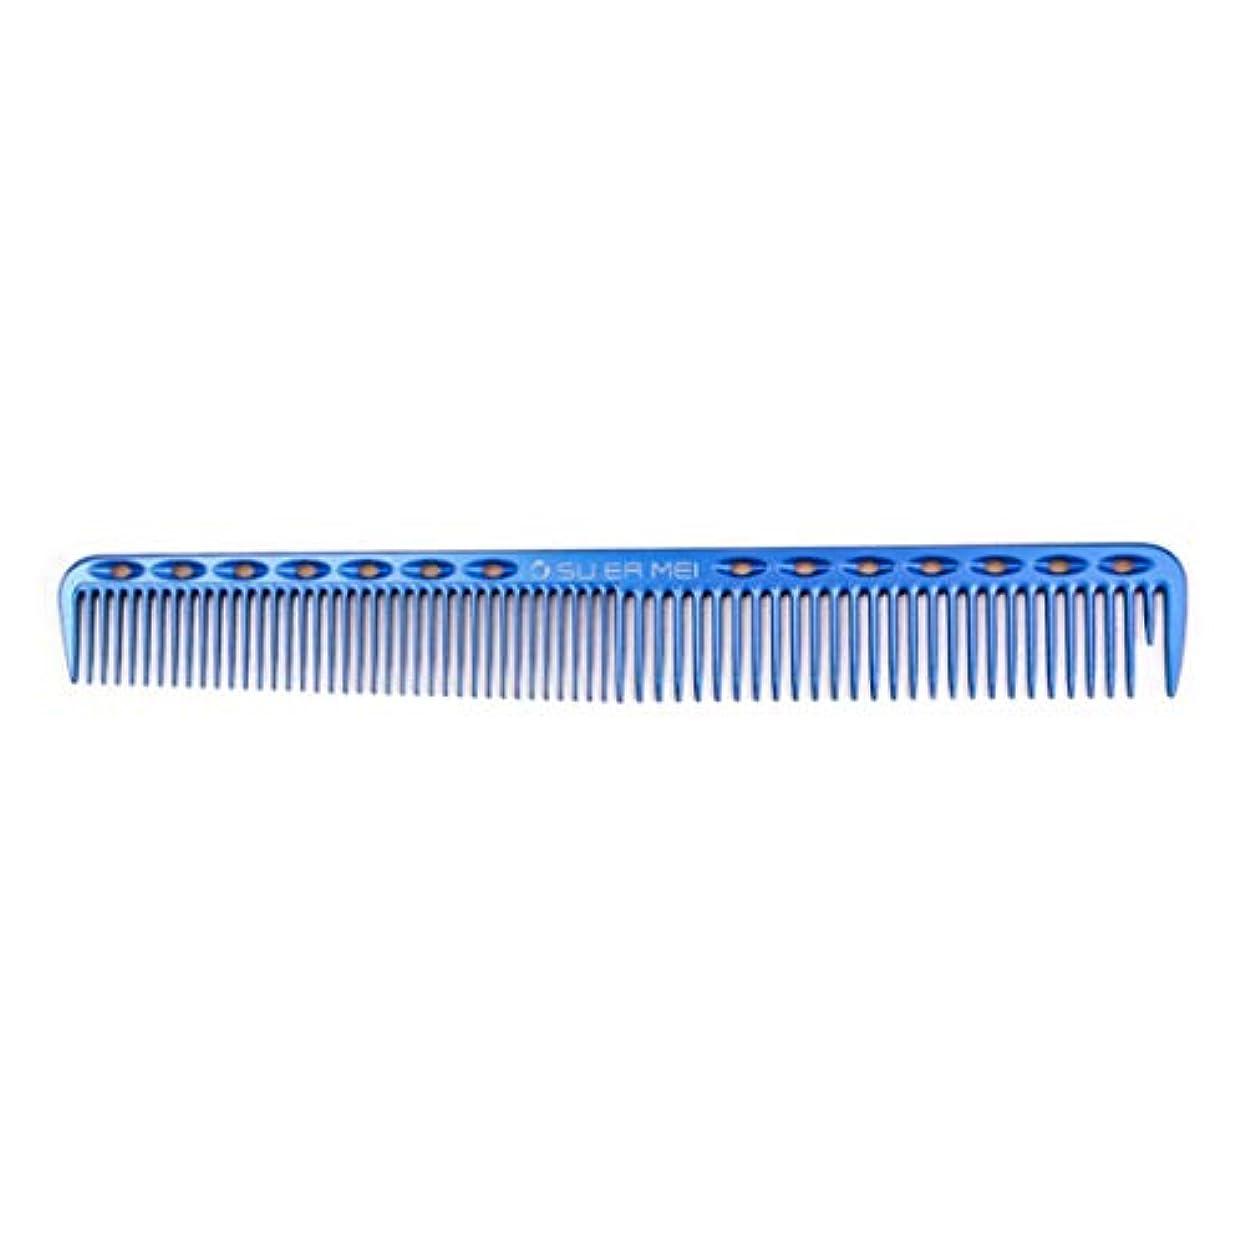 利用可能池楽観女性または人の毛の切断のための航空アルミニウム櫛、良い毛のための帯電防止毛の櫛 モデリングツール (色 : 青)